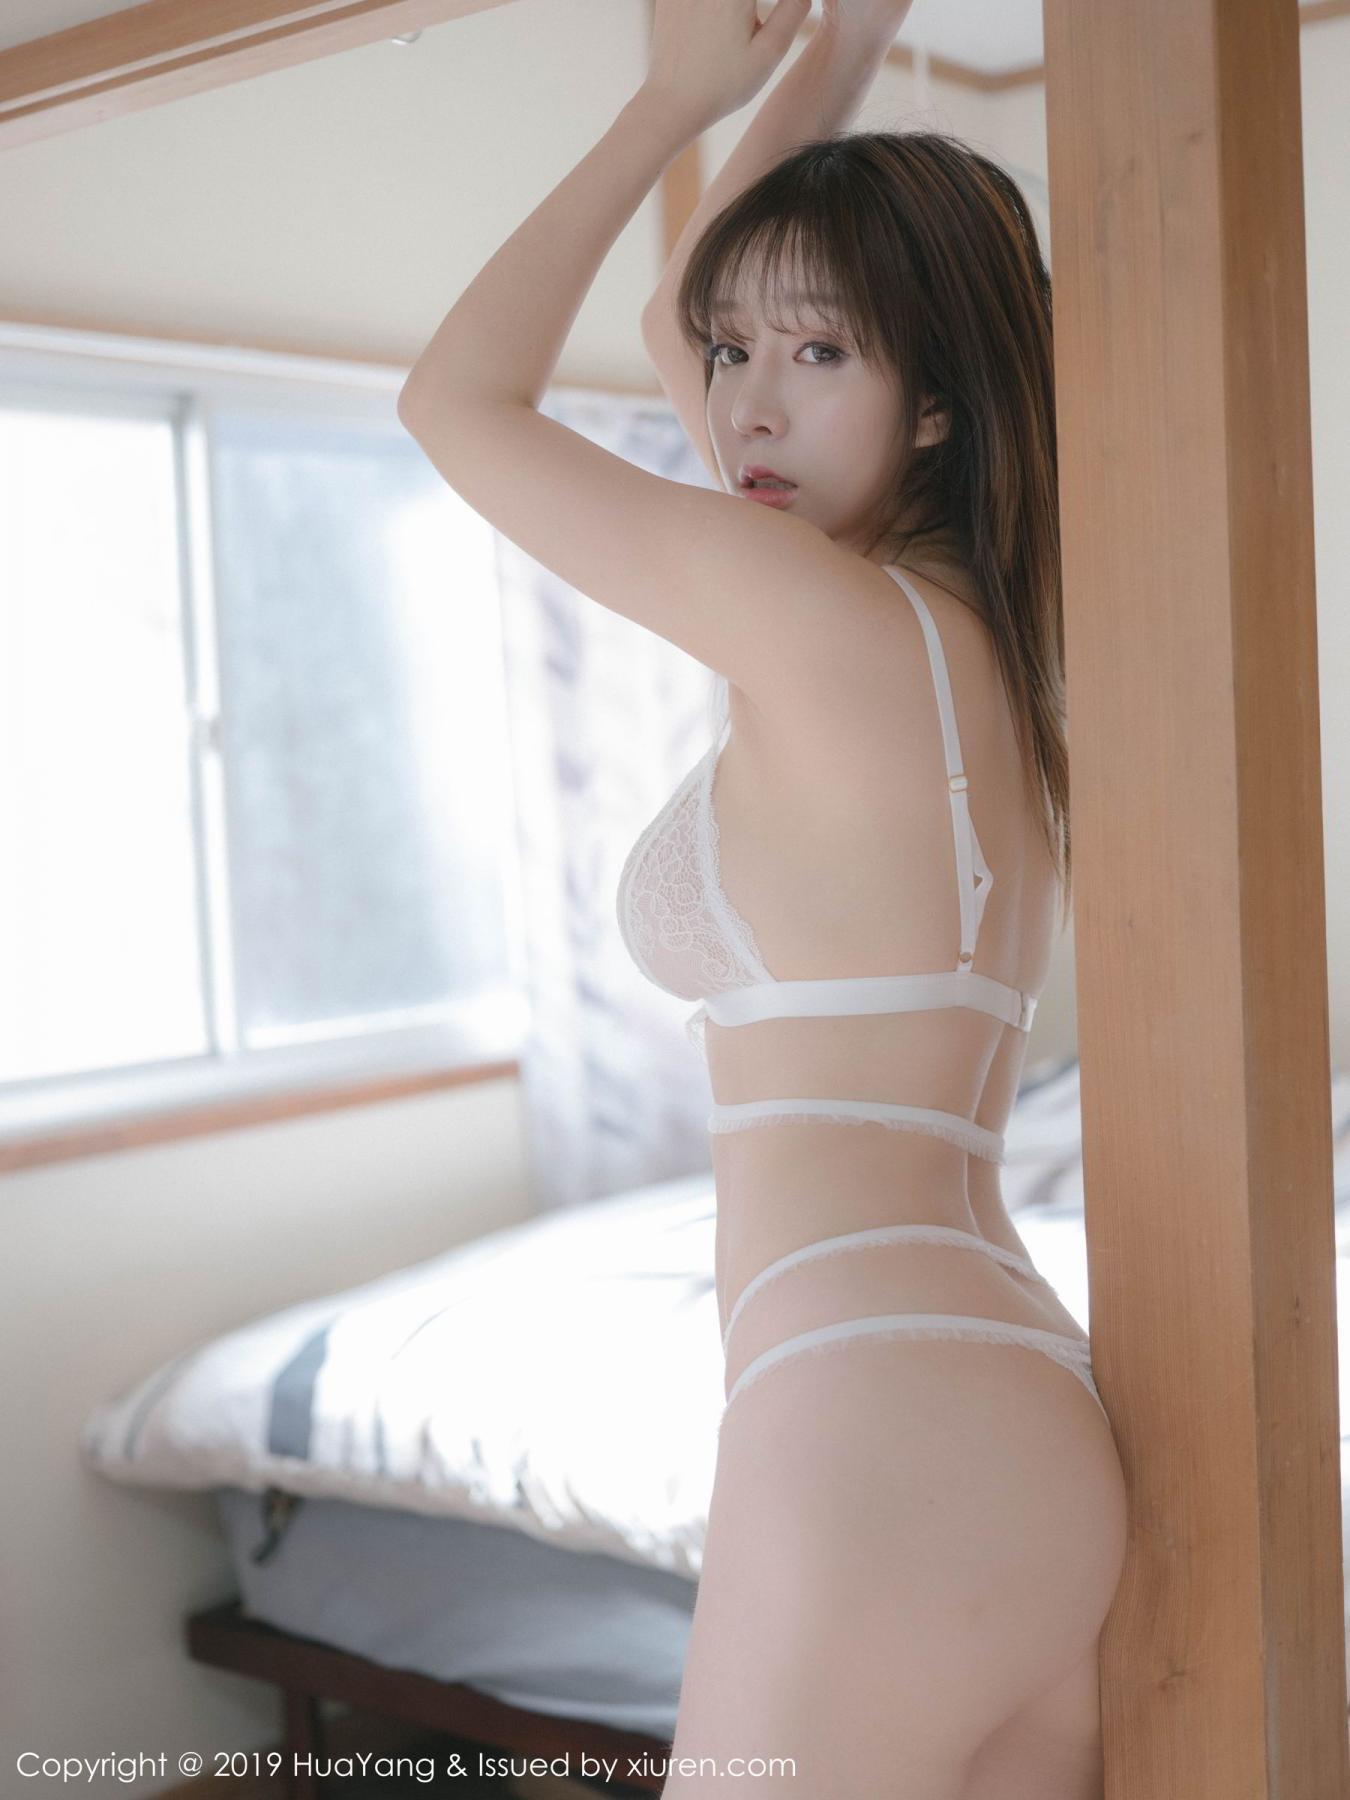 [Huayang] Vol.120 Wang Yu Chun 12P, Adult, Big Booty, HuaYang, Underwear, Wang Yu Chun